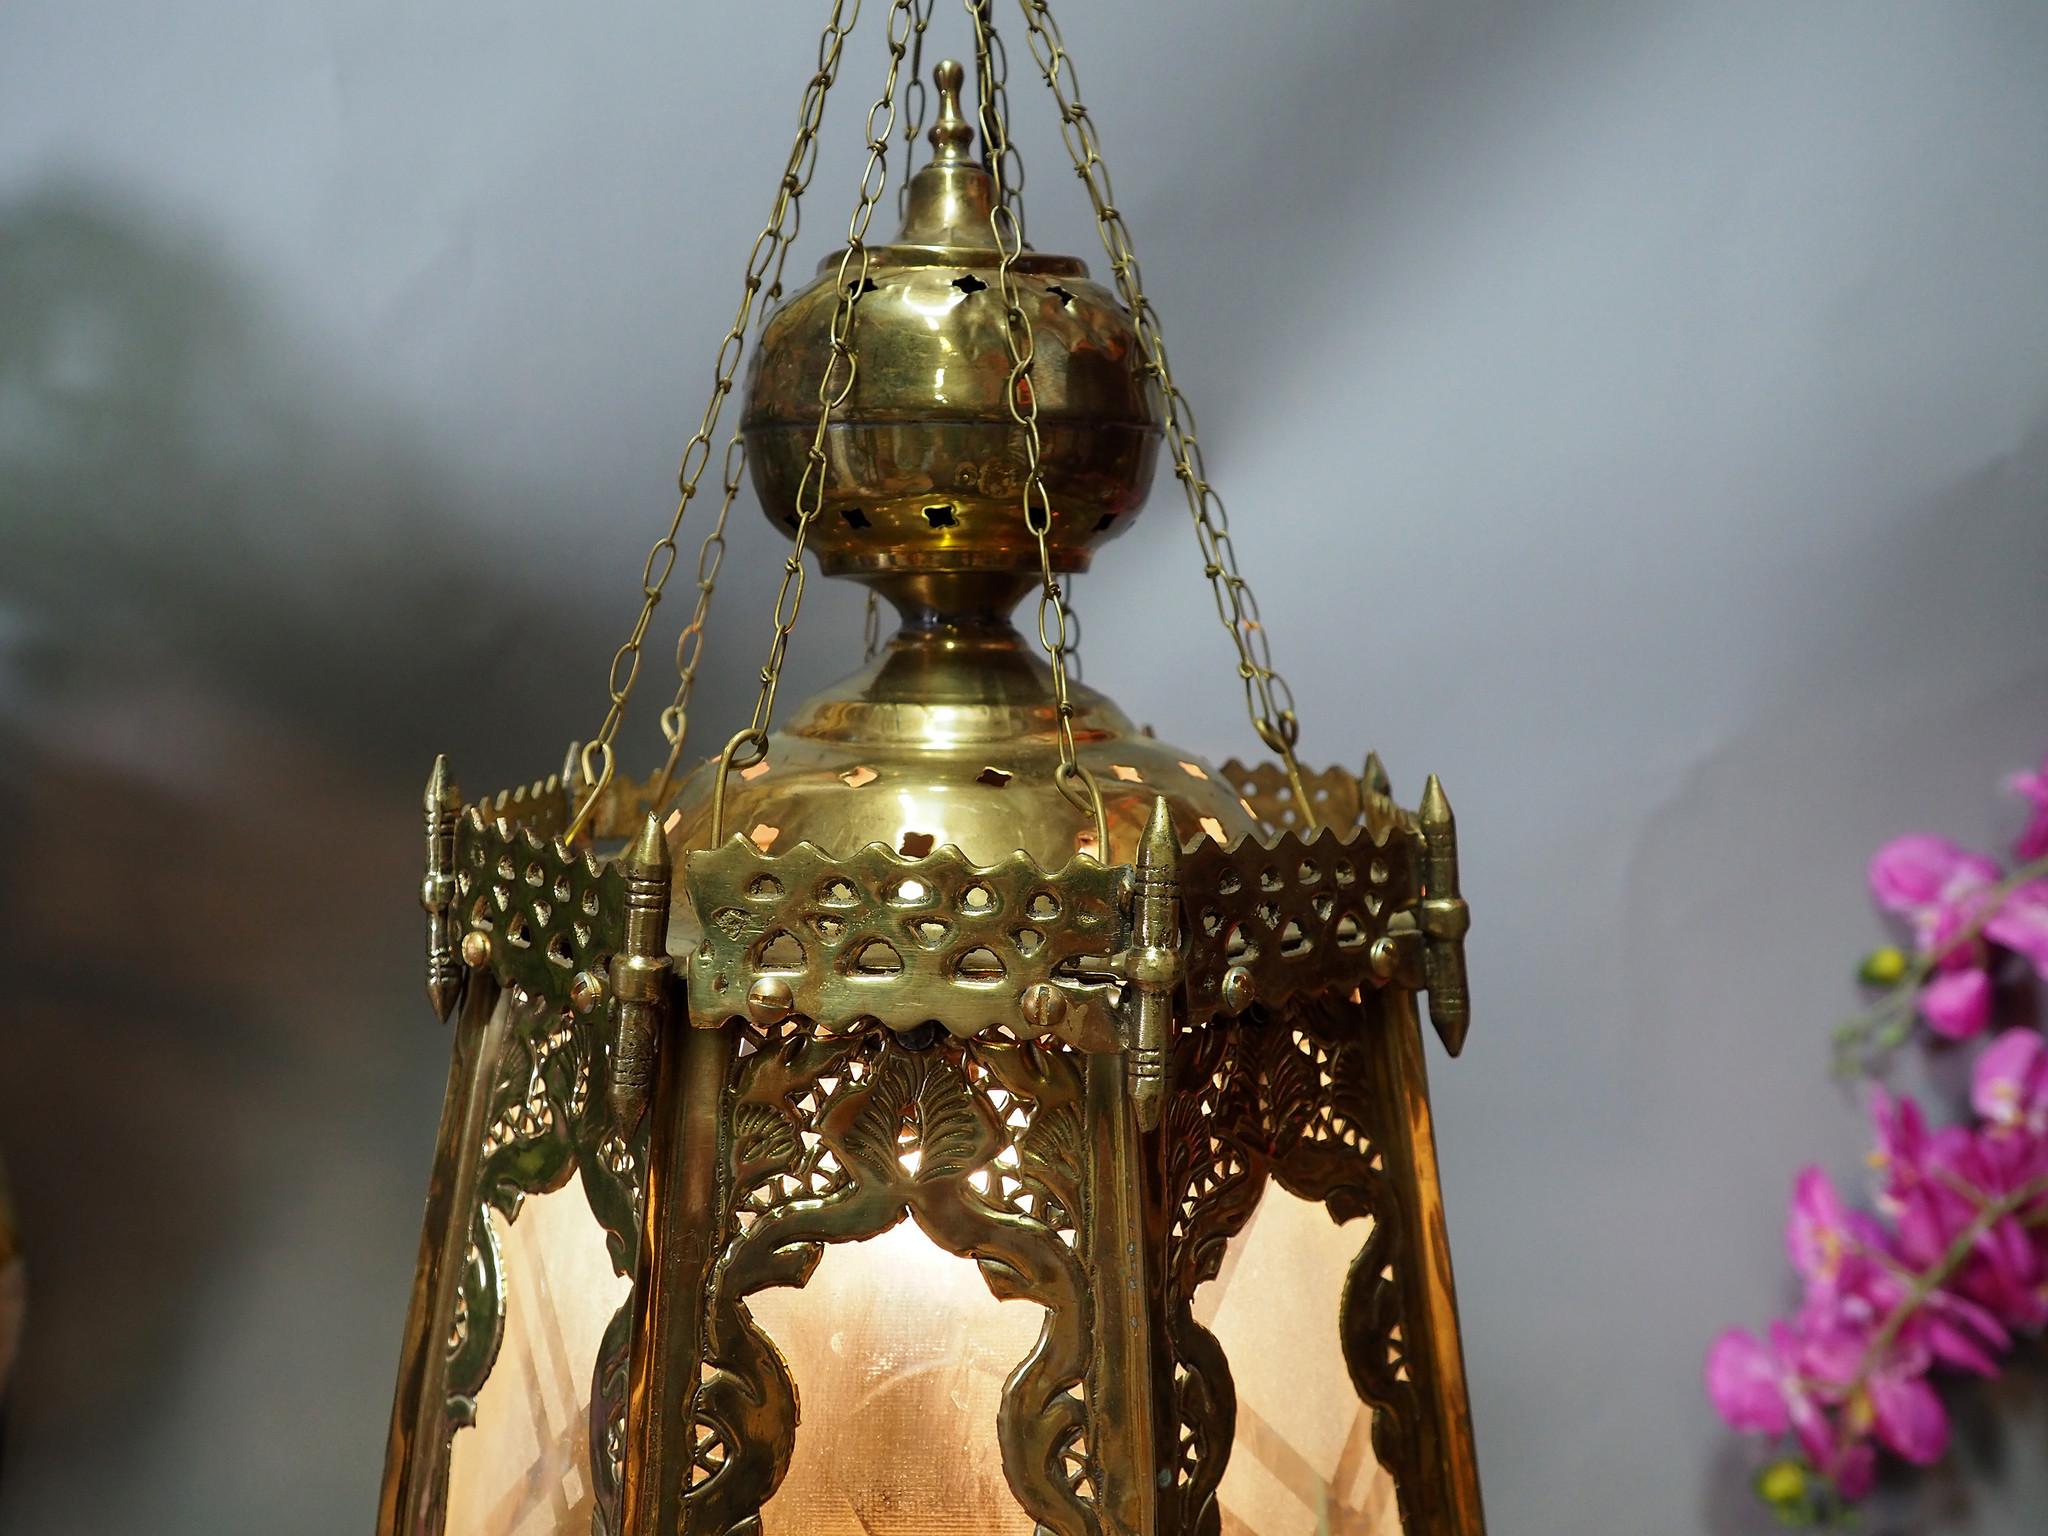 orientalische massiv Messing Decken Hängende Lampe Islamische Decken Lampe Moschee Lampe aus Afghanistan PK/A